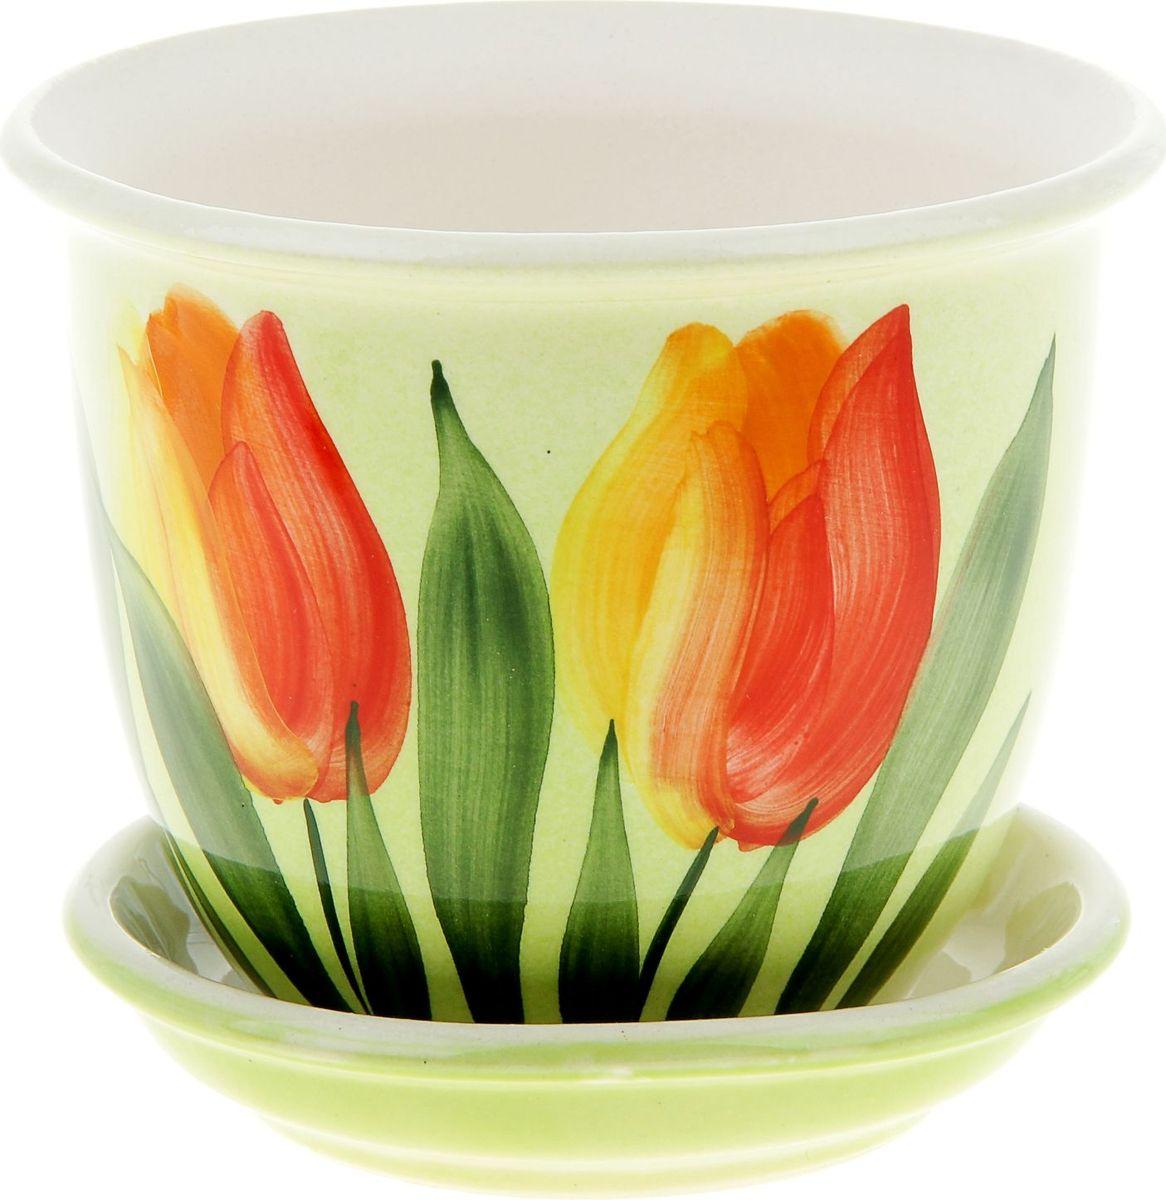 Кашпо Керамика ручной работы Классик. Тюльпан, цвет: красный, 0,5 л835612Комнатные растения — всеобщие любимцы. Они радуют глаз, насыщают помещение кислородом и украшают пространство. Каждому из них необходим свой удобный и красивый дом. Кашпо из керамики прекрасно подходят для высадки растений: за счёт пластичности глины и разных способов обработки существует великое множество форм и дизайновпористый материал позволяет испаряться лишней влагевоздух, необходимый для дыхания корней, проникает сквозь керамические стенки! #name# позаботится о зелёном питомце, освежит интерьер и подчеркнёт его стиль.